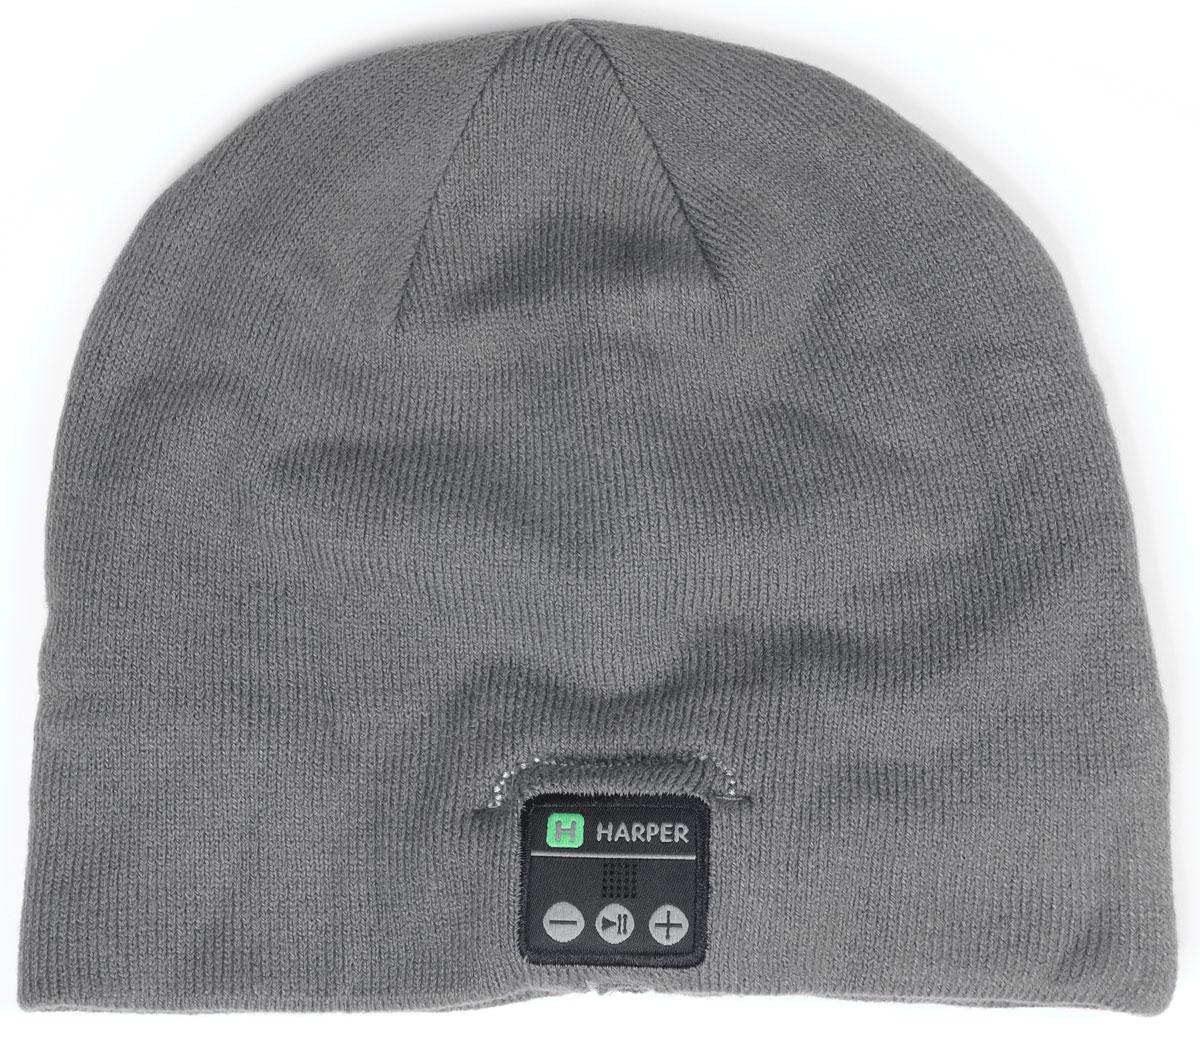 Harper HB-505, Gray шапка с Bluetooth-гарнитуройH00000926Шапка Harper HB-505 с Bluetooth-гарнитурой. Идея совмещения гарнитуры и шапки реализована с вниманием к деталям. В головной убор на местах, где находятся уши пользователя, вшиты наушники. В основе используется материал, состоящий из акрила - 84%, спандекса - 10%, полиэстера - 6%. Вязка не раздражает при длительной носке. Внутри подкладки зафиксирован основной модуль и дополнительный динамик. Соединяются они между собой кабелем, скрывающимся во внутреннем стежке. Все активные элементы на правом наушнике.